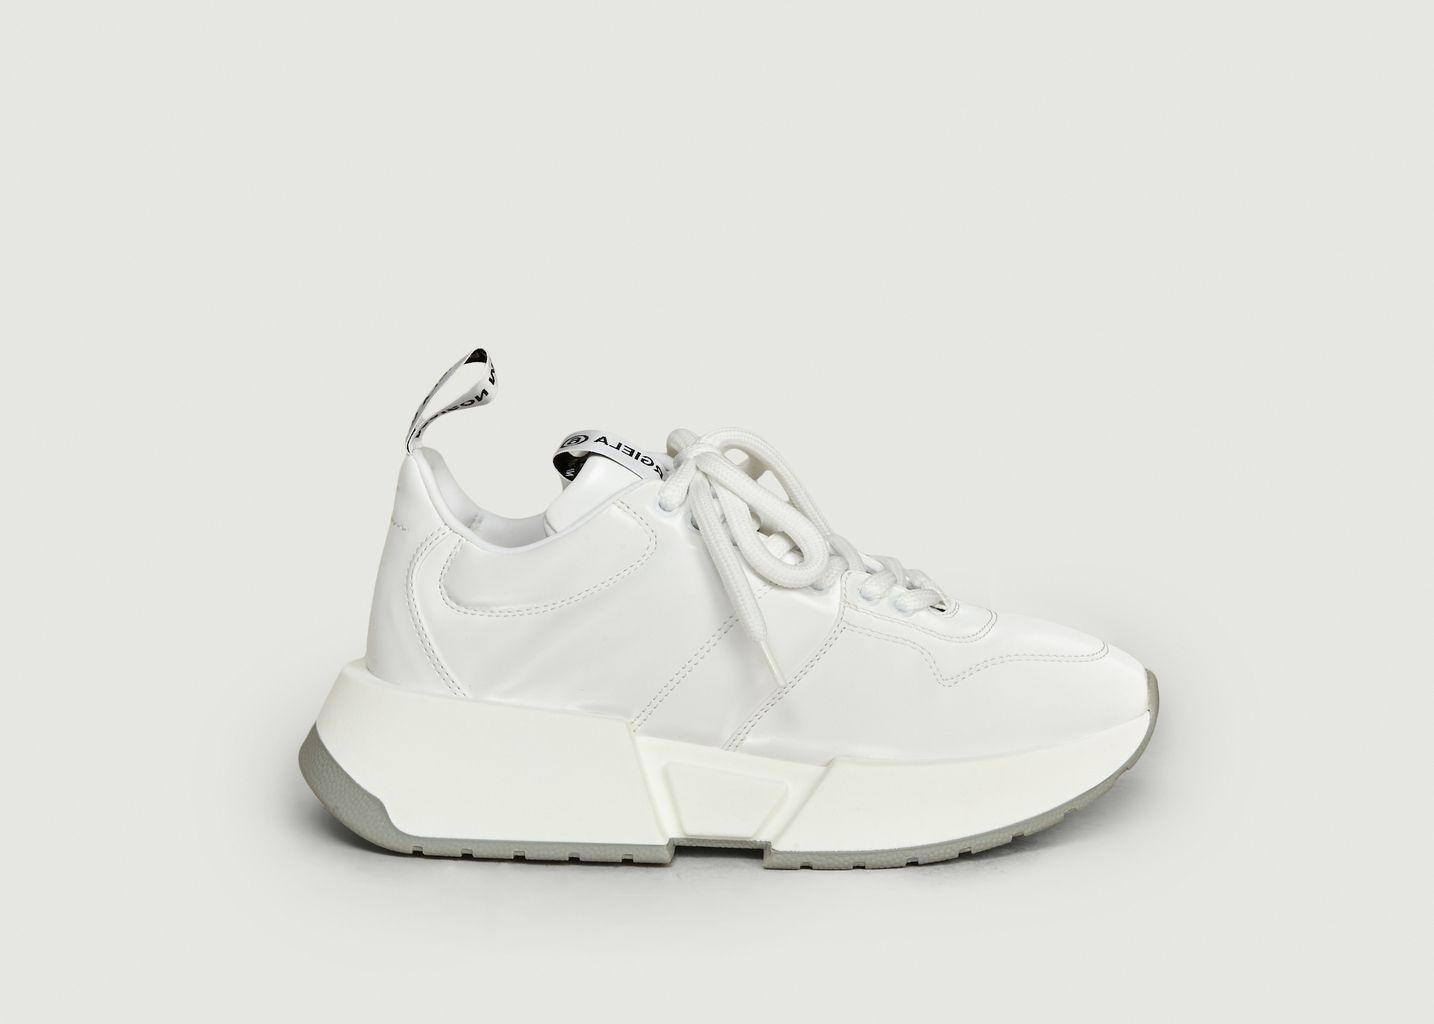 Sneakers compensées à tissu brillant - MM6 Maison Margiela